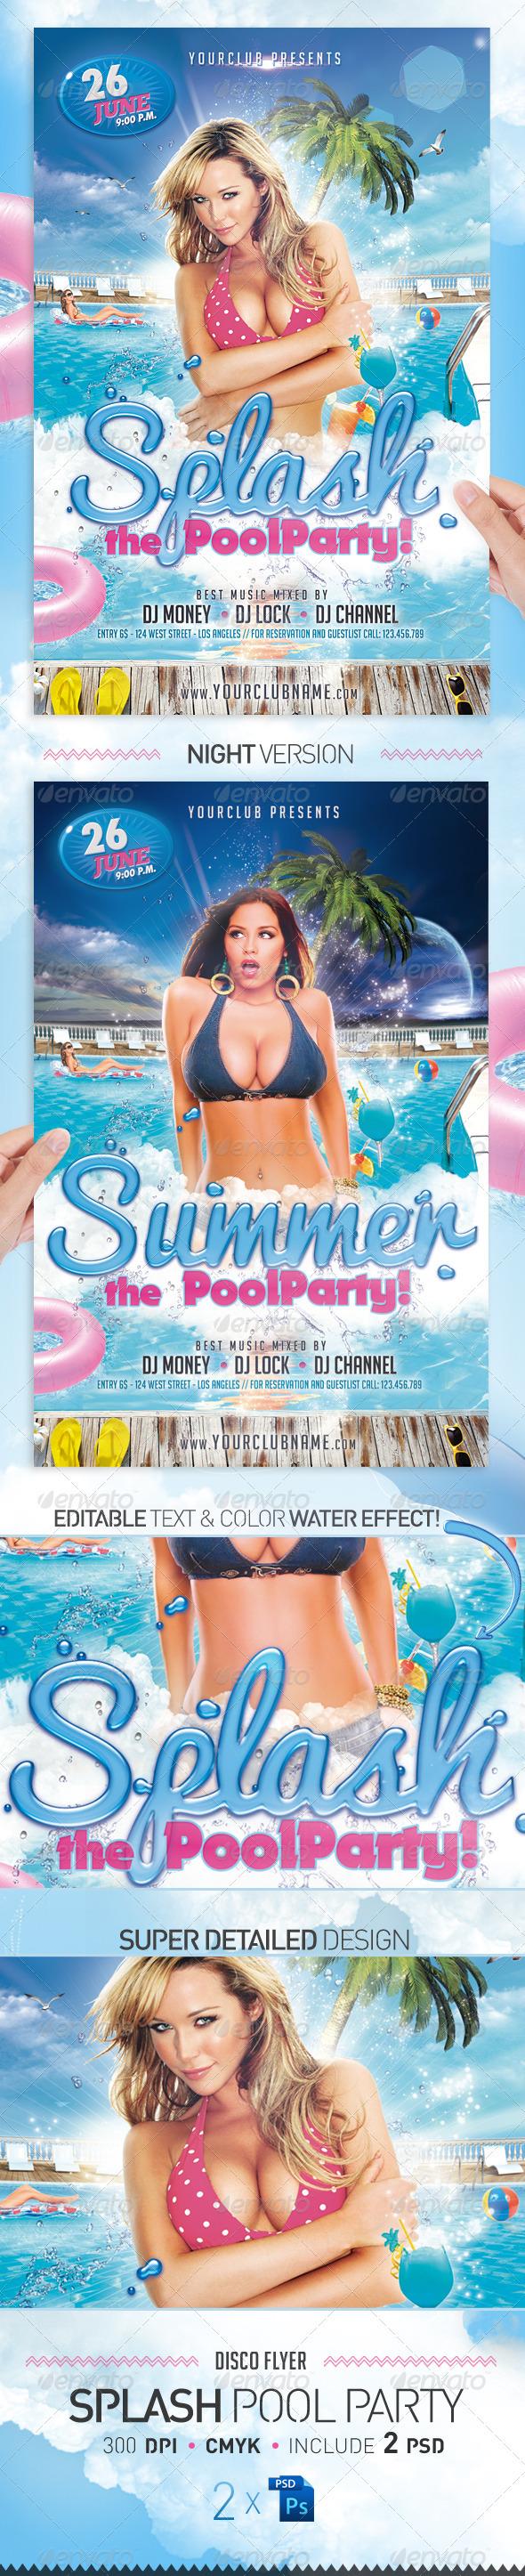 Flyers para Fiestas de Verano: Splash Pool Party